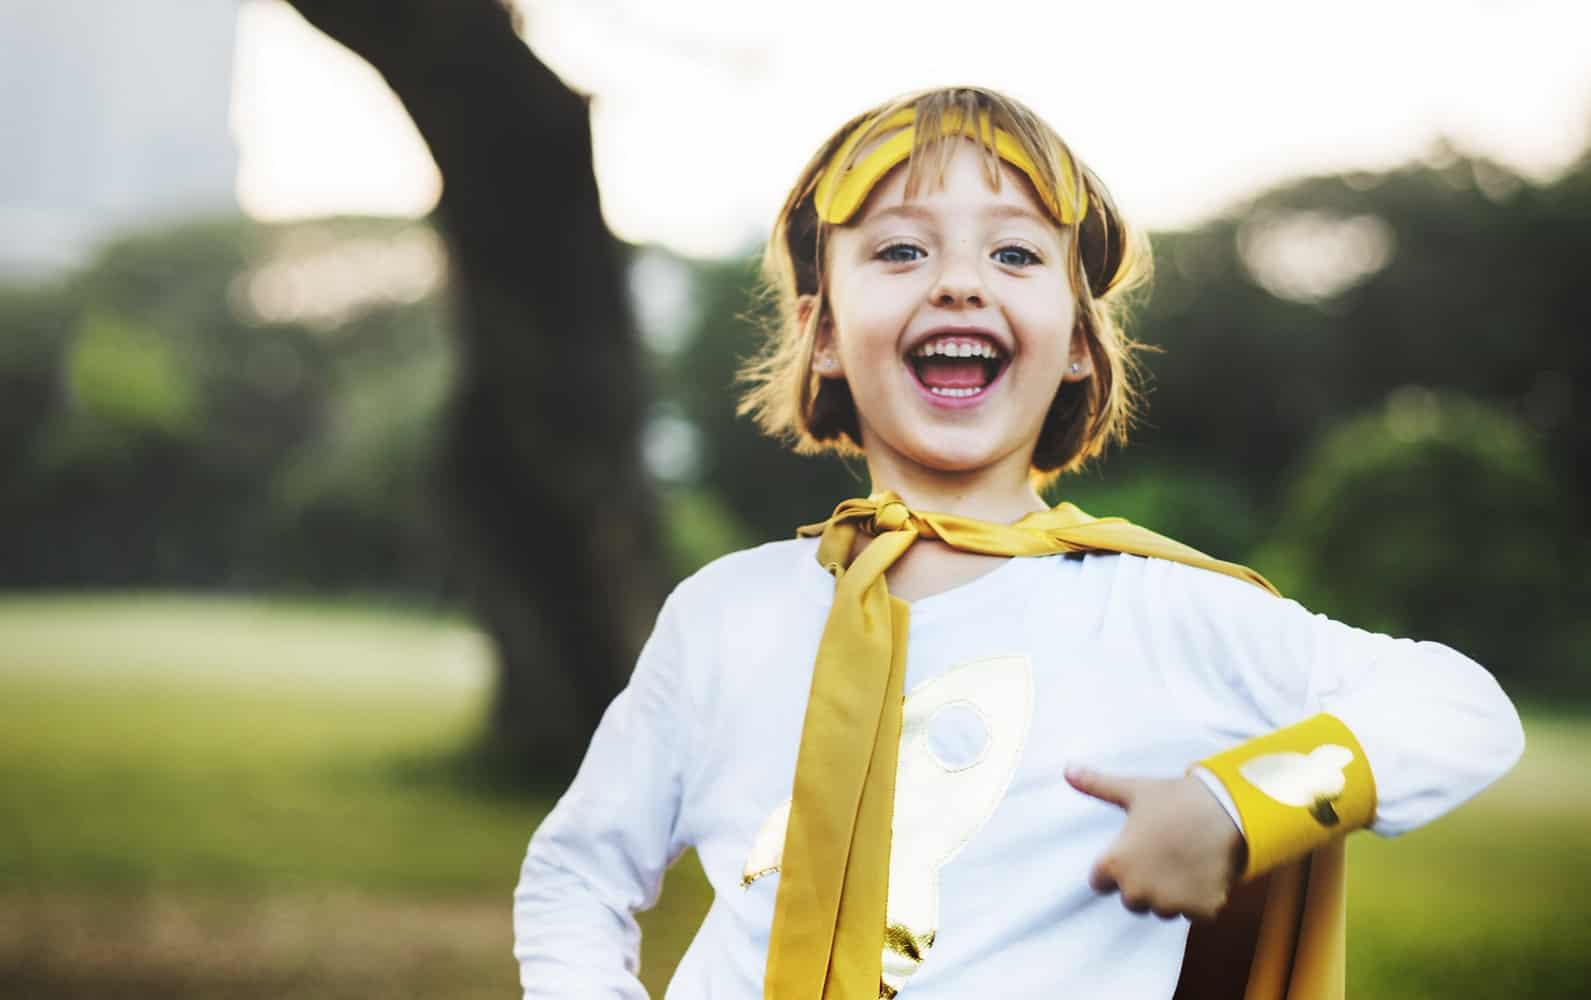 Ha szívesen foglalkoznál gyerekekkel, akkor jelentkezz az Egerben induló Óvodai dajka OKJ-s tanfolyamra és Bébiszitter OKJ-n kívüli tanfolyamra!